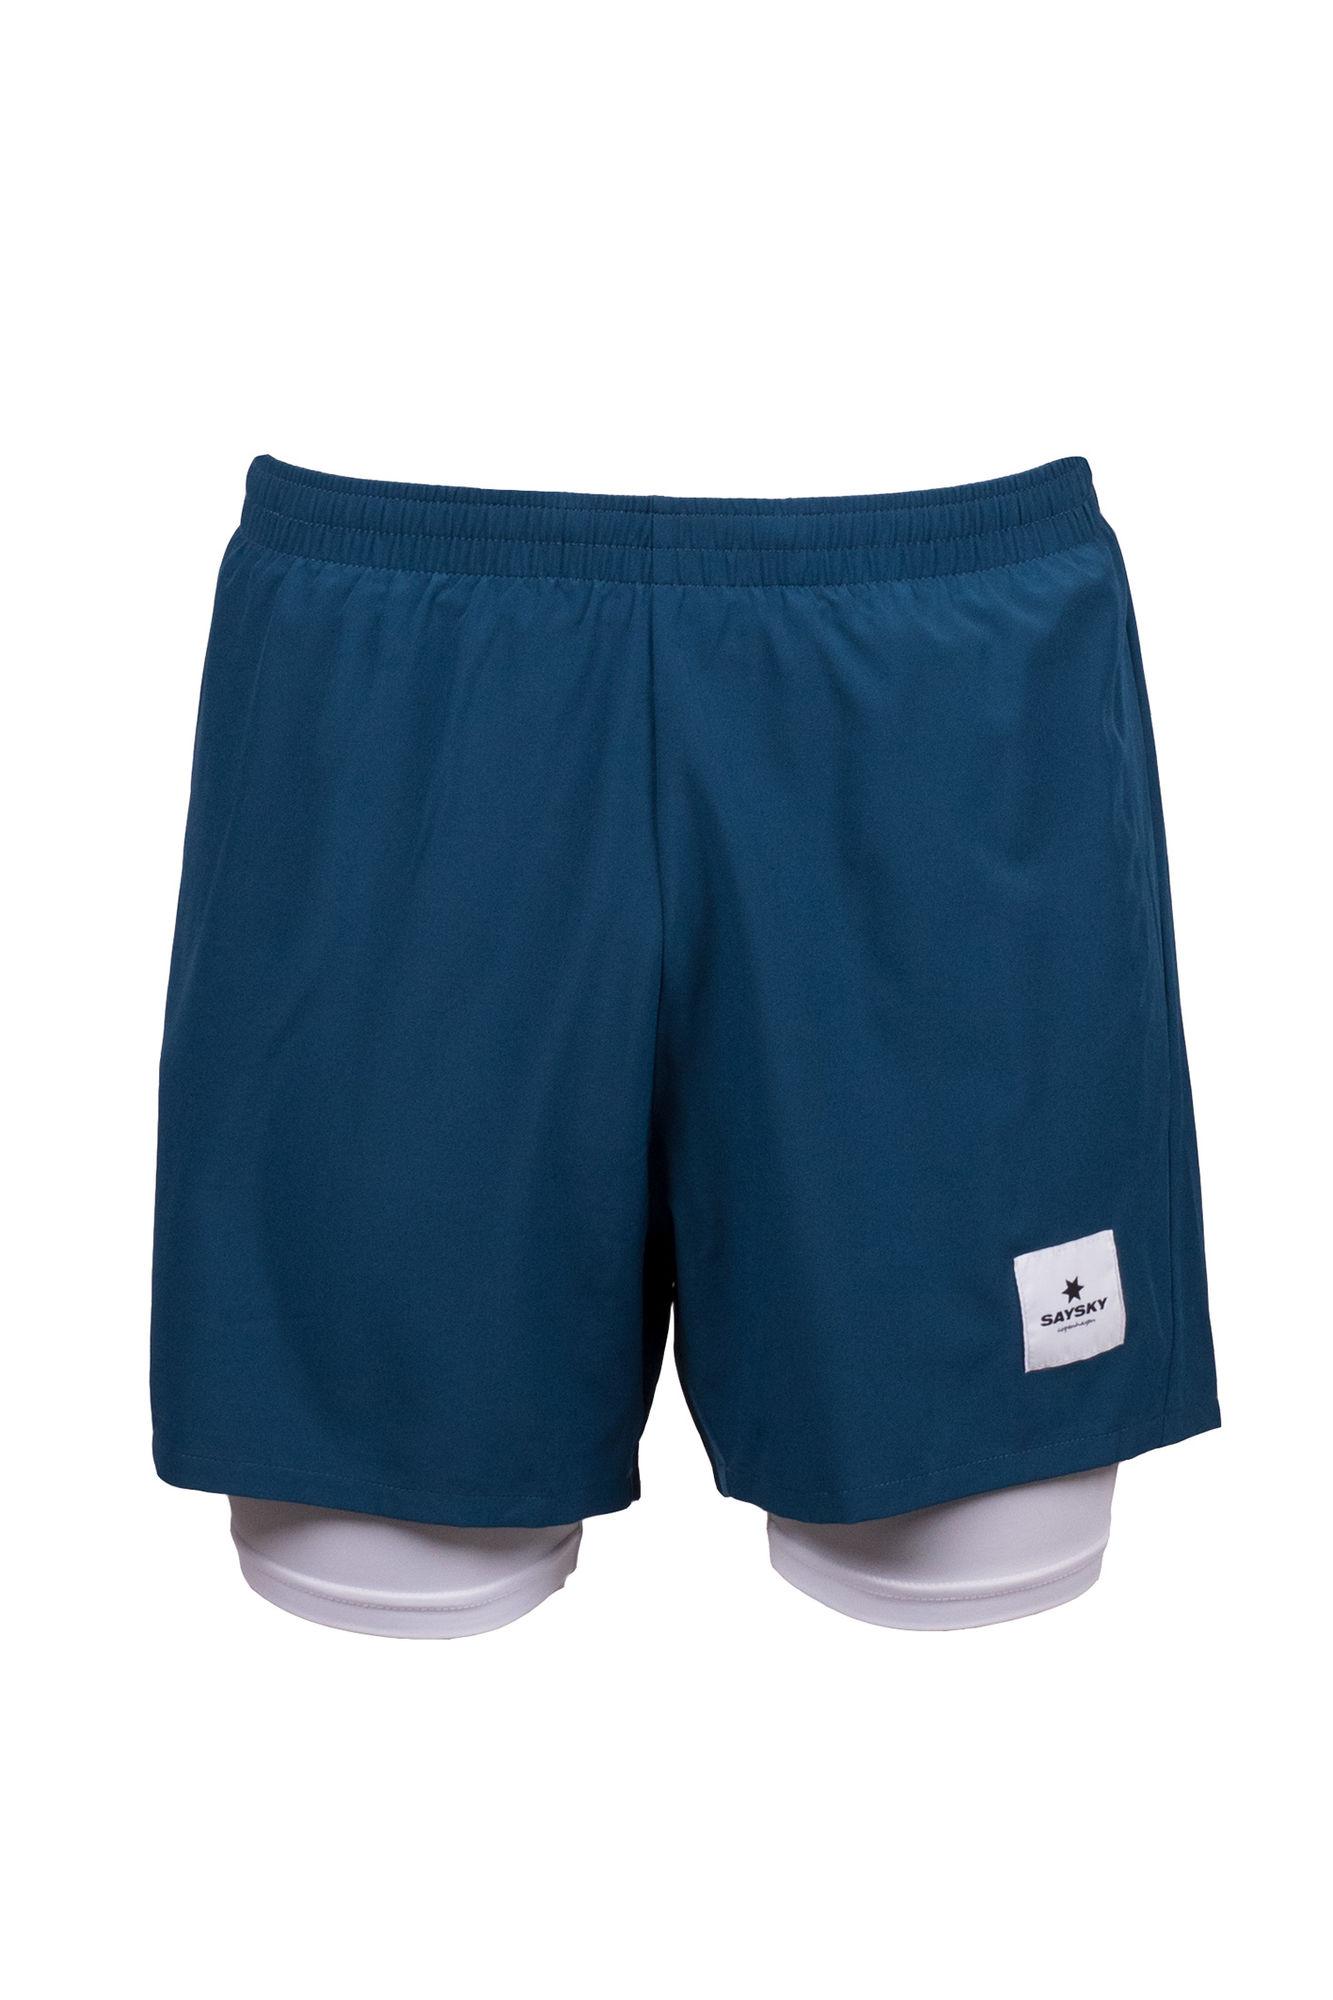 SAYSKY 2 in 1 Shorts in Blau Weiß